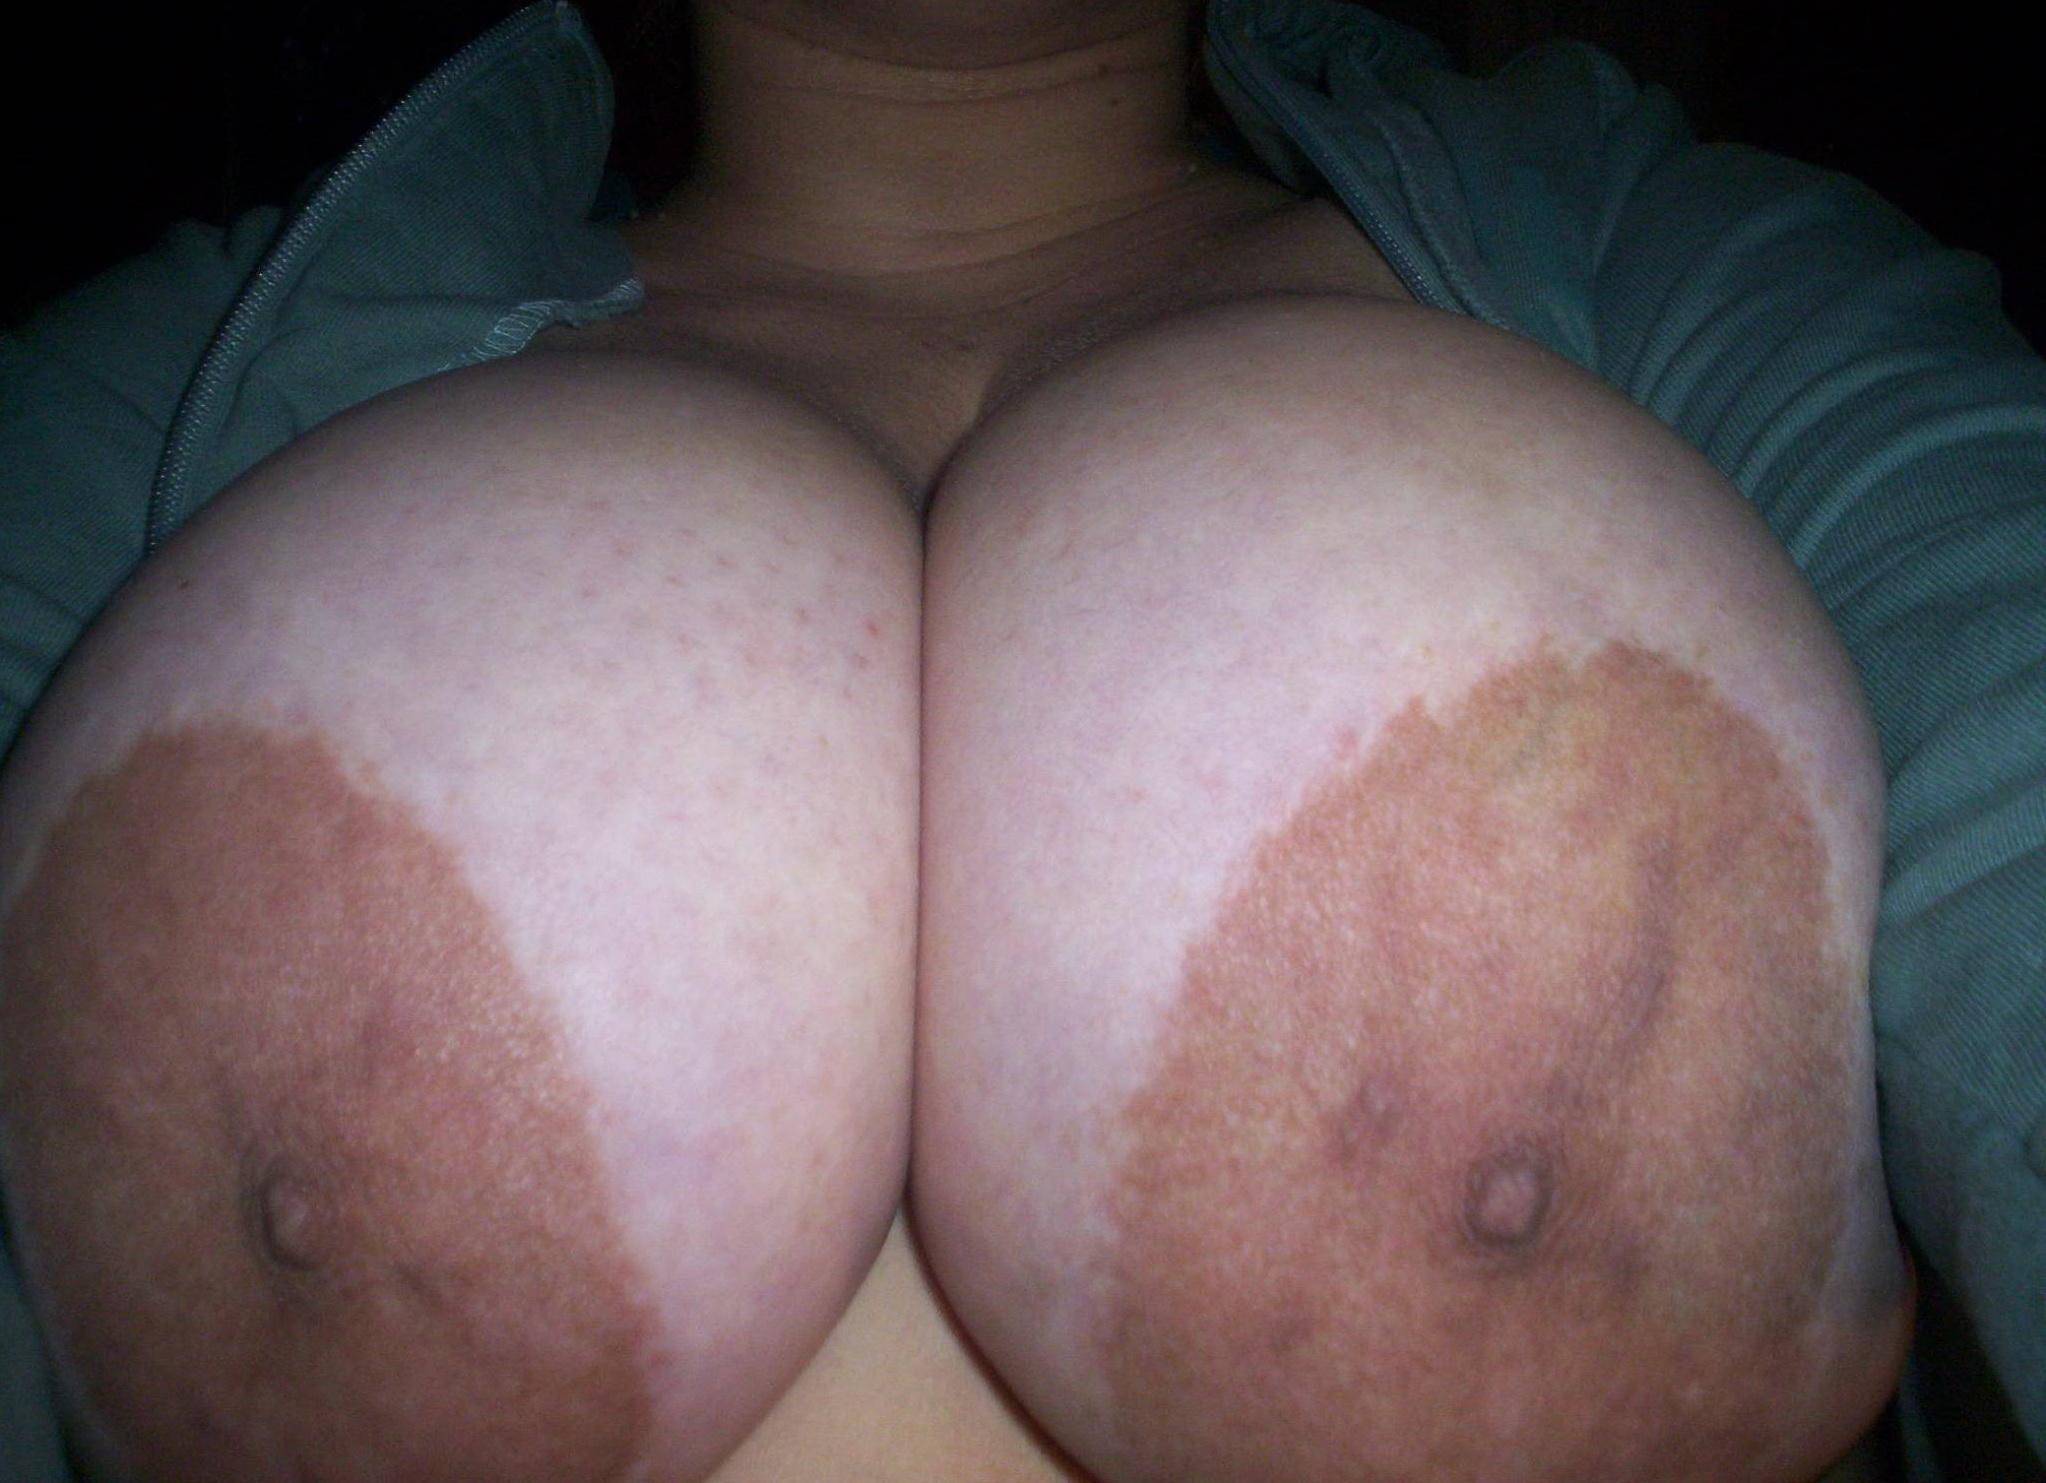 Смотреть порно нарезки сперма на ореолах сосков